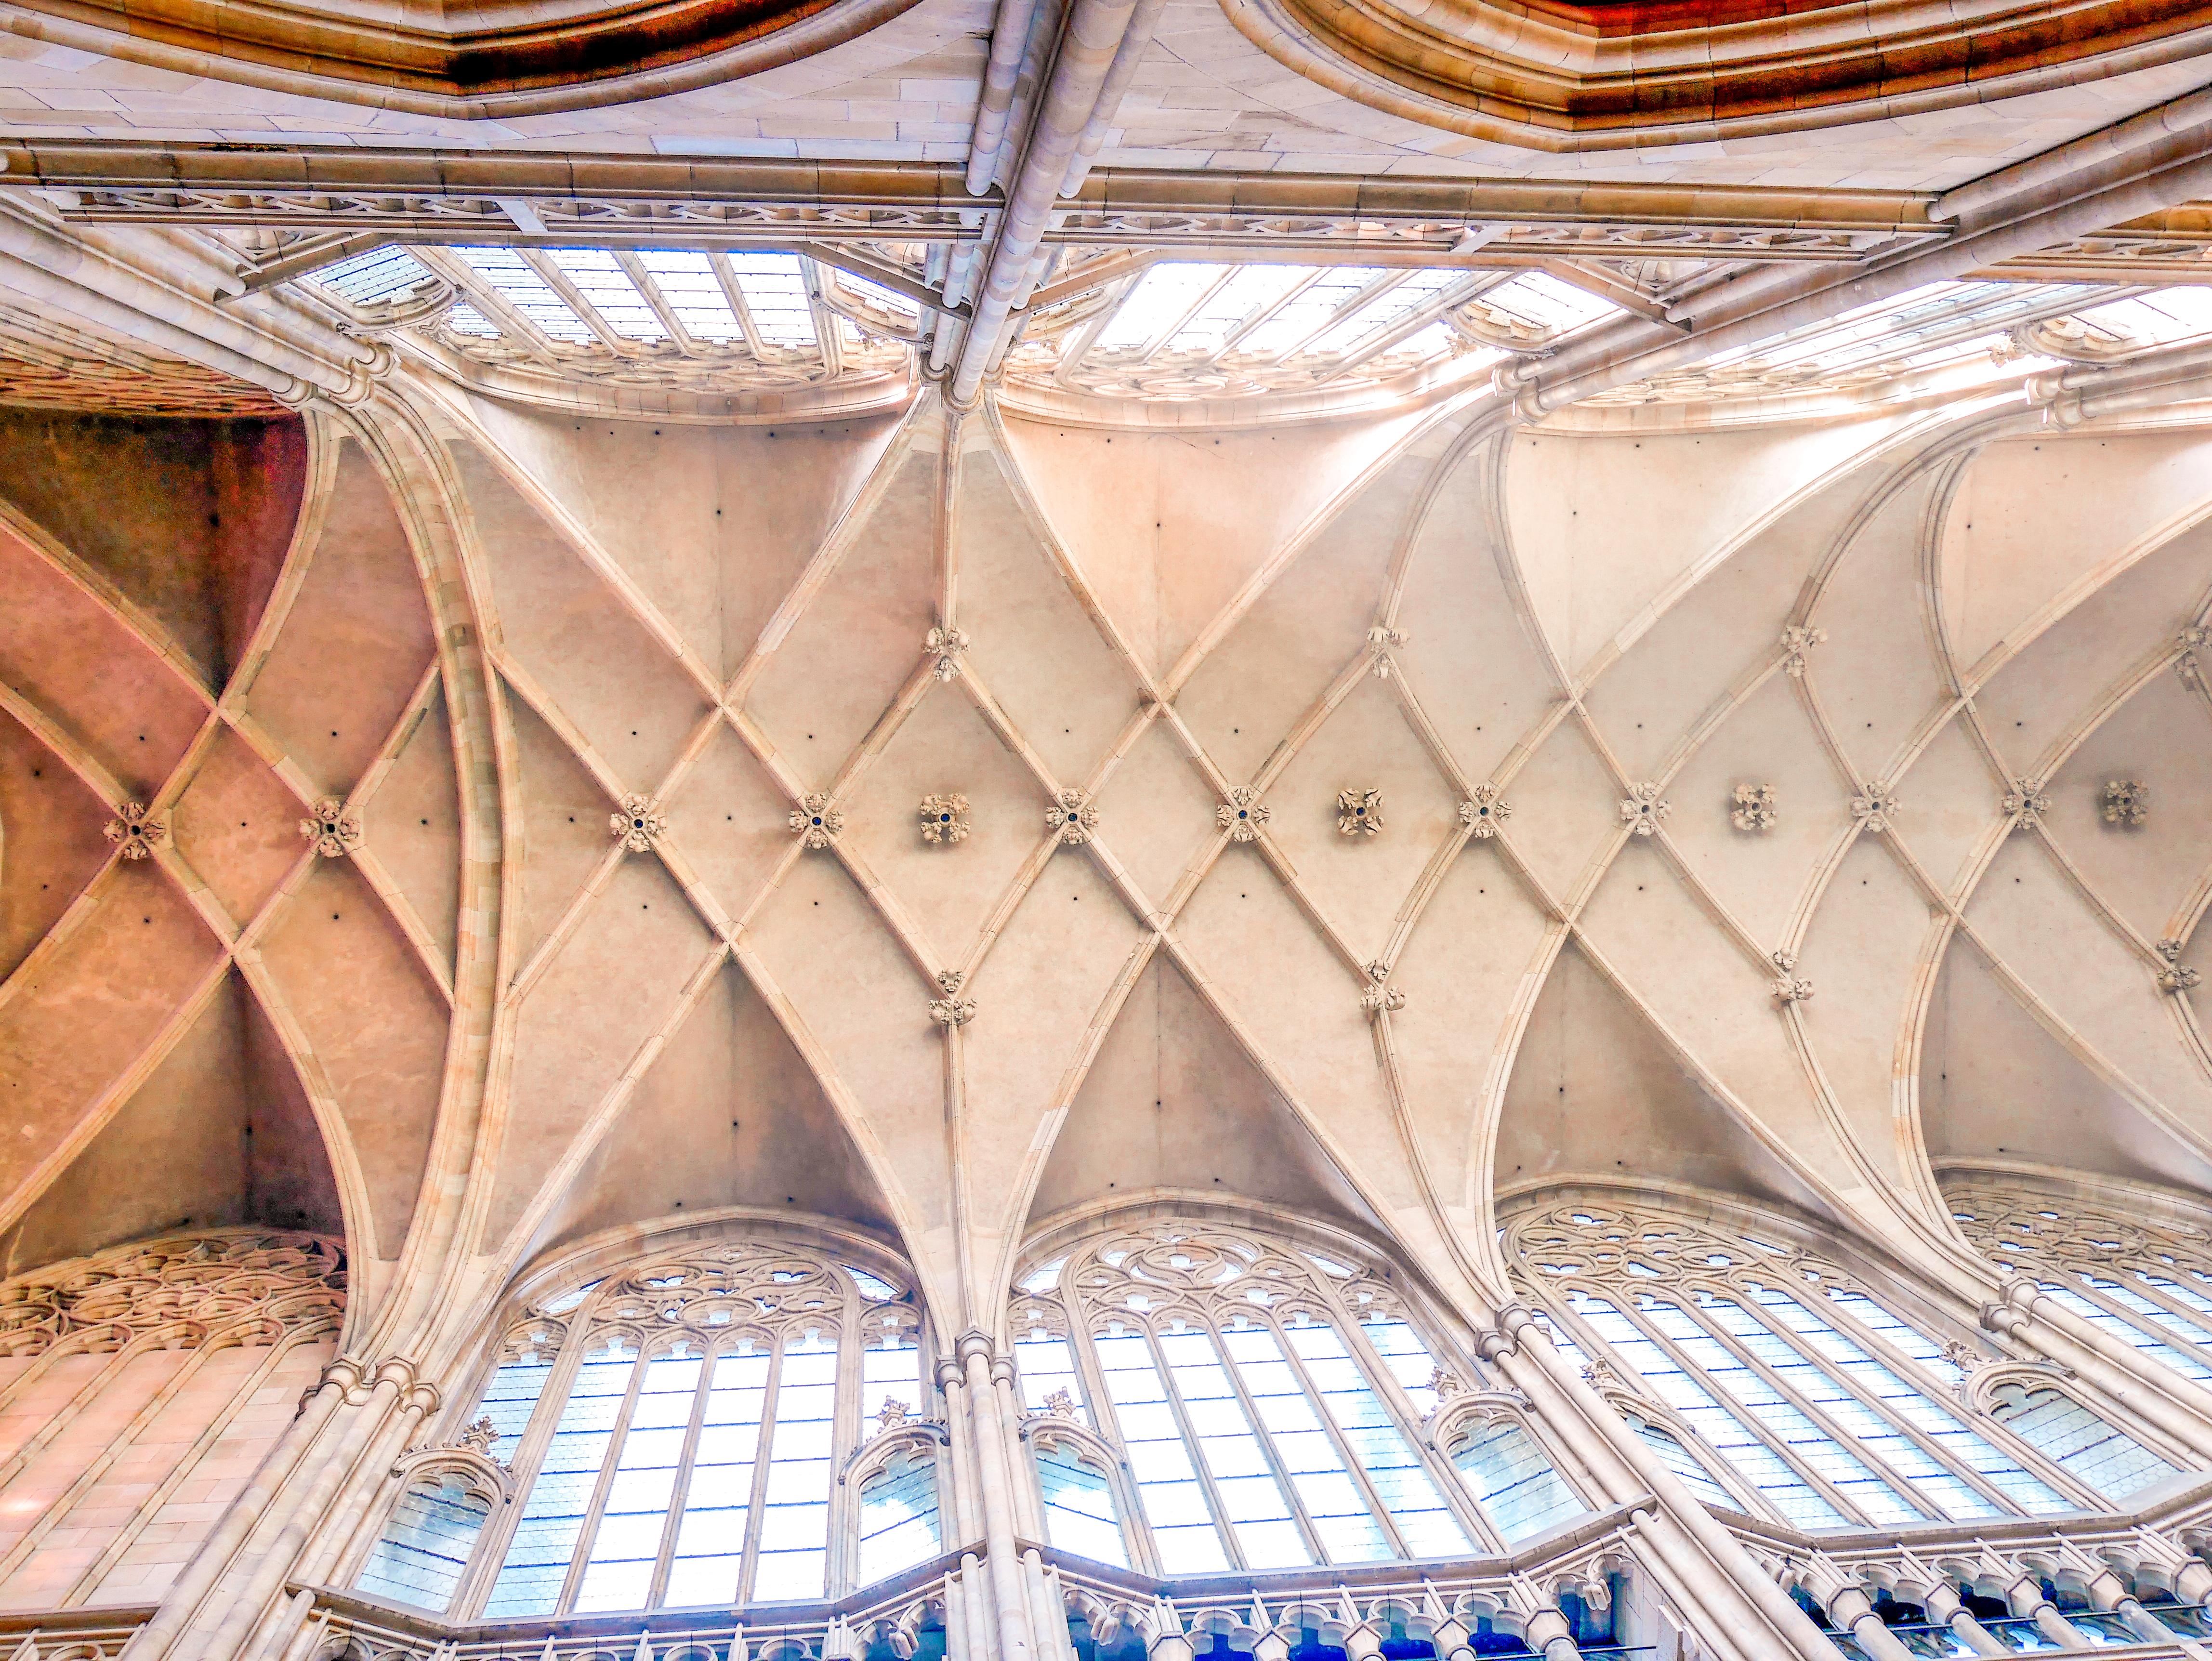 Vituksen katedraalin katto